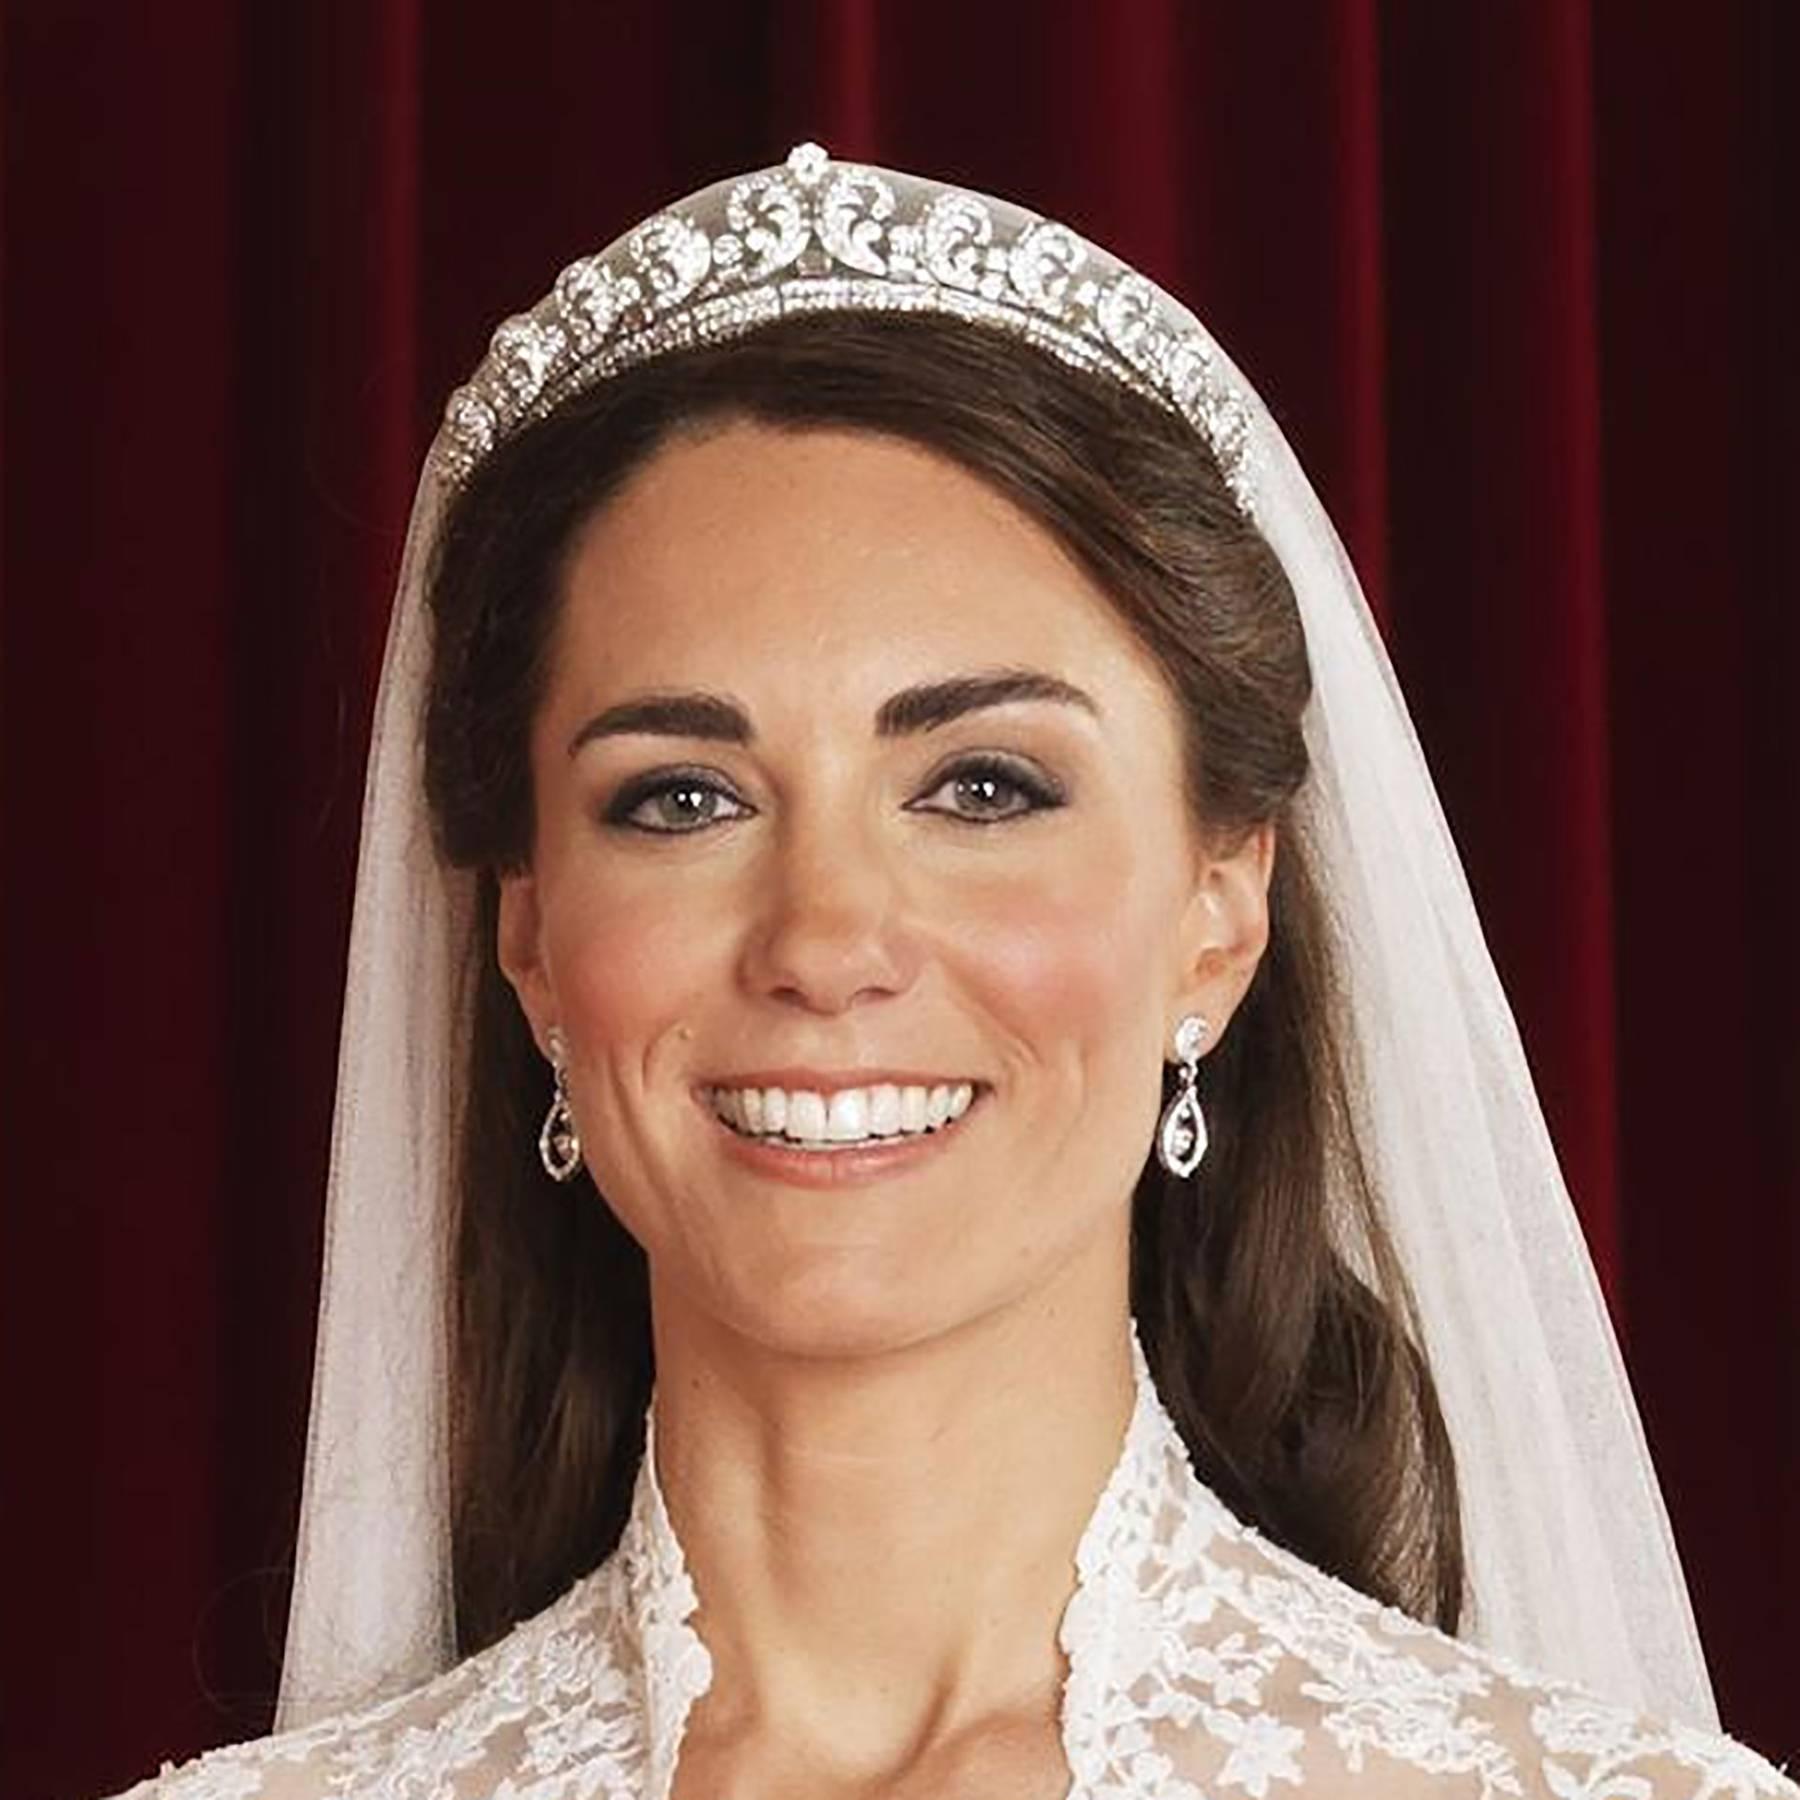 the story of kate middleton s wedding tiara the cartier halo tatler kate middleton s wedding tiara